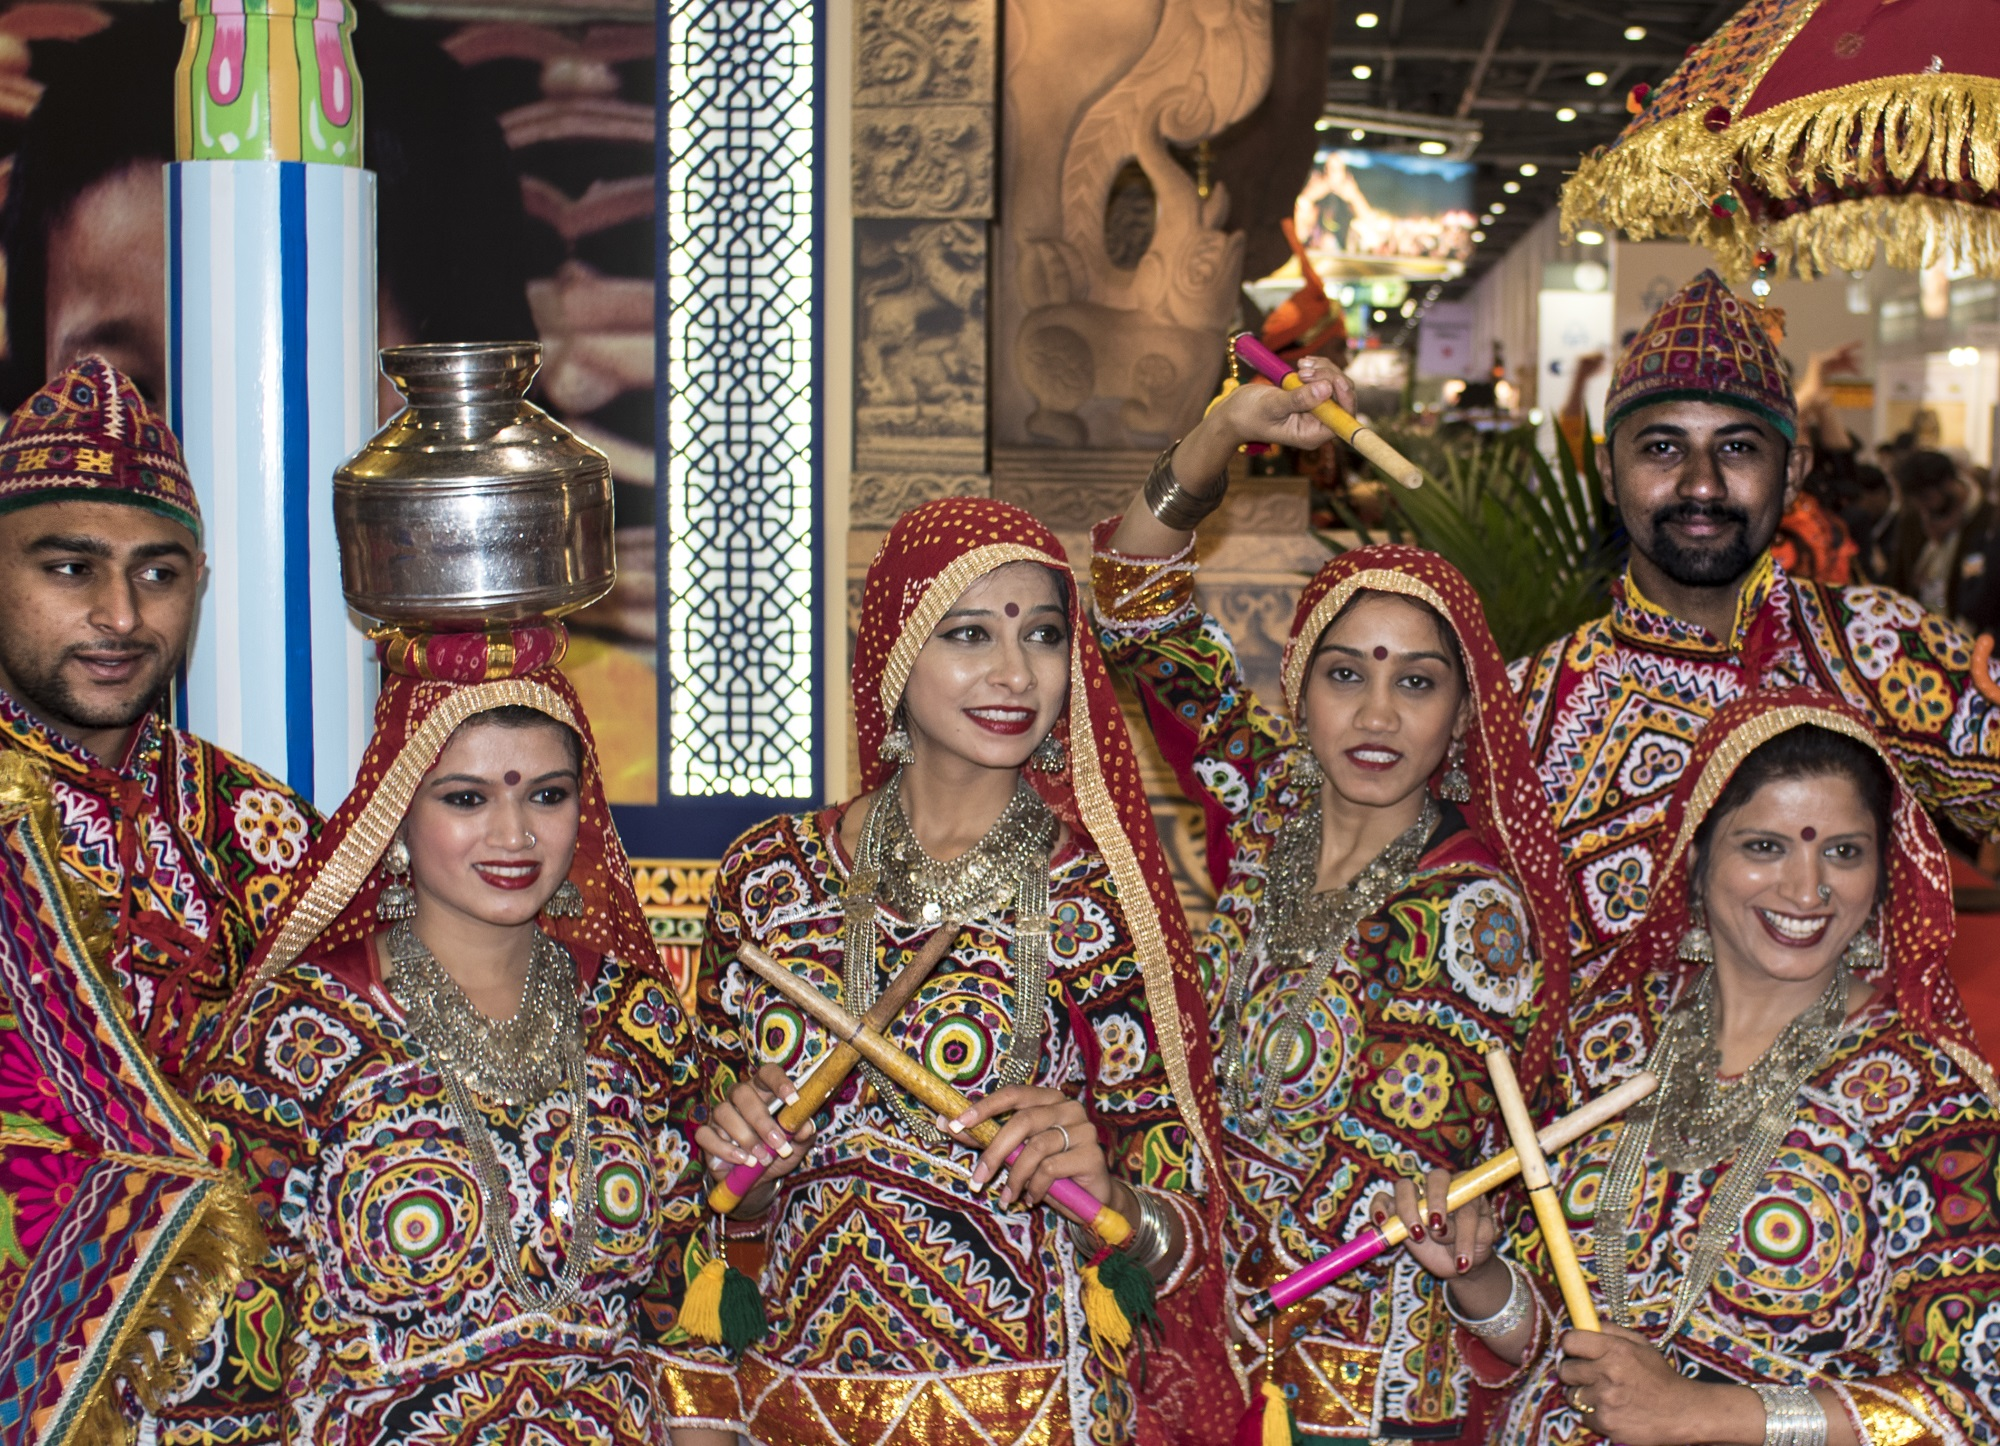 Un gruppo di persone al WTM con vestiti tradizionali e colorati